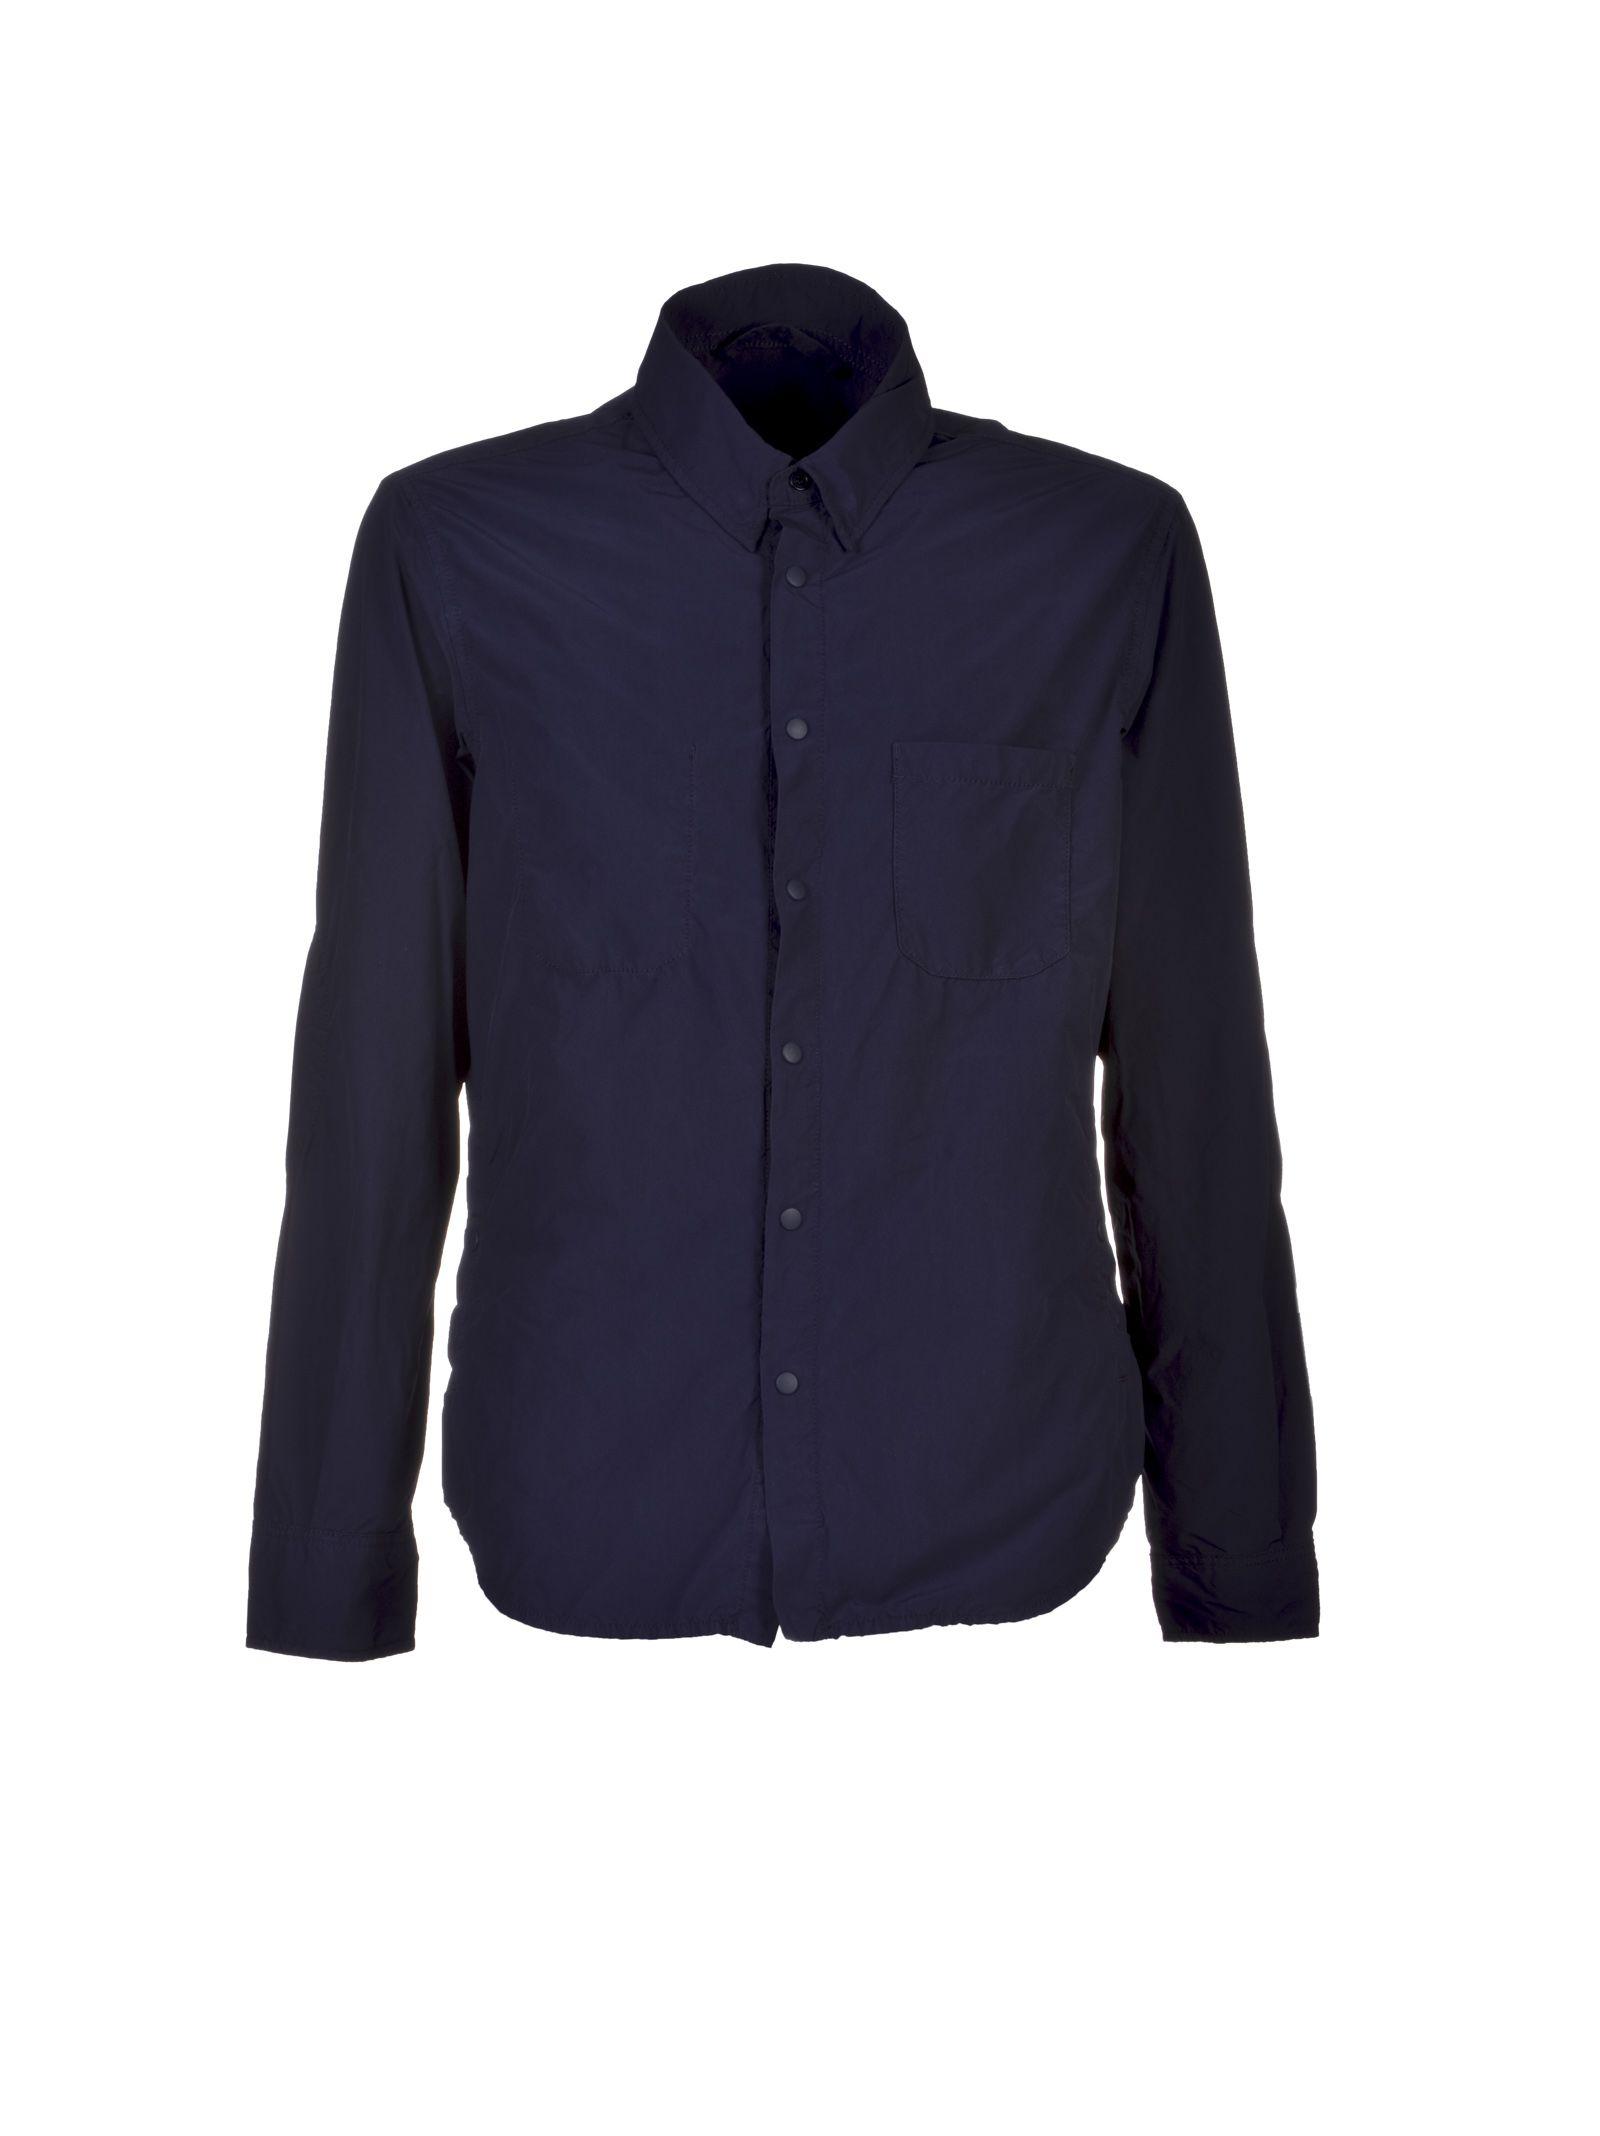 Aspesi Nylon Alvaro Shirt